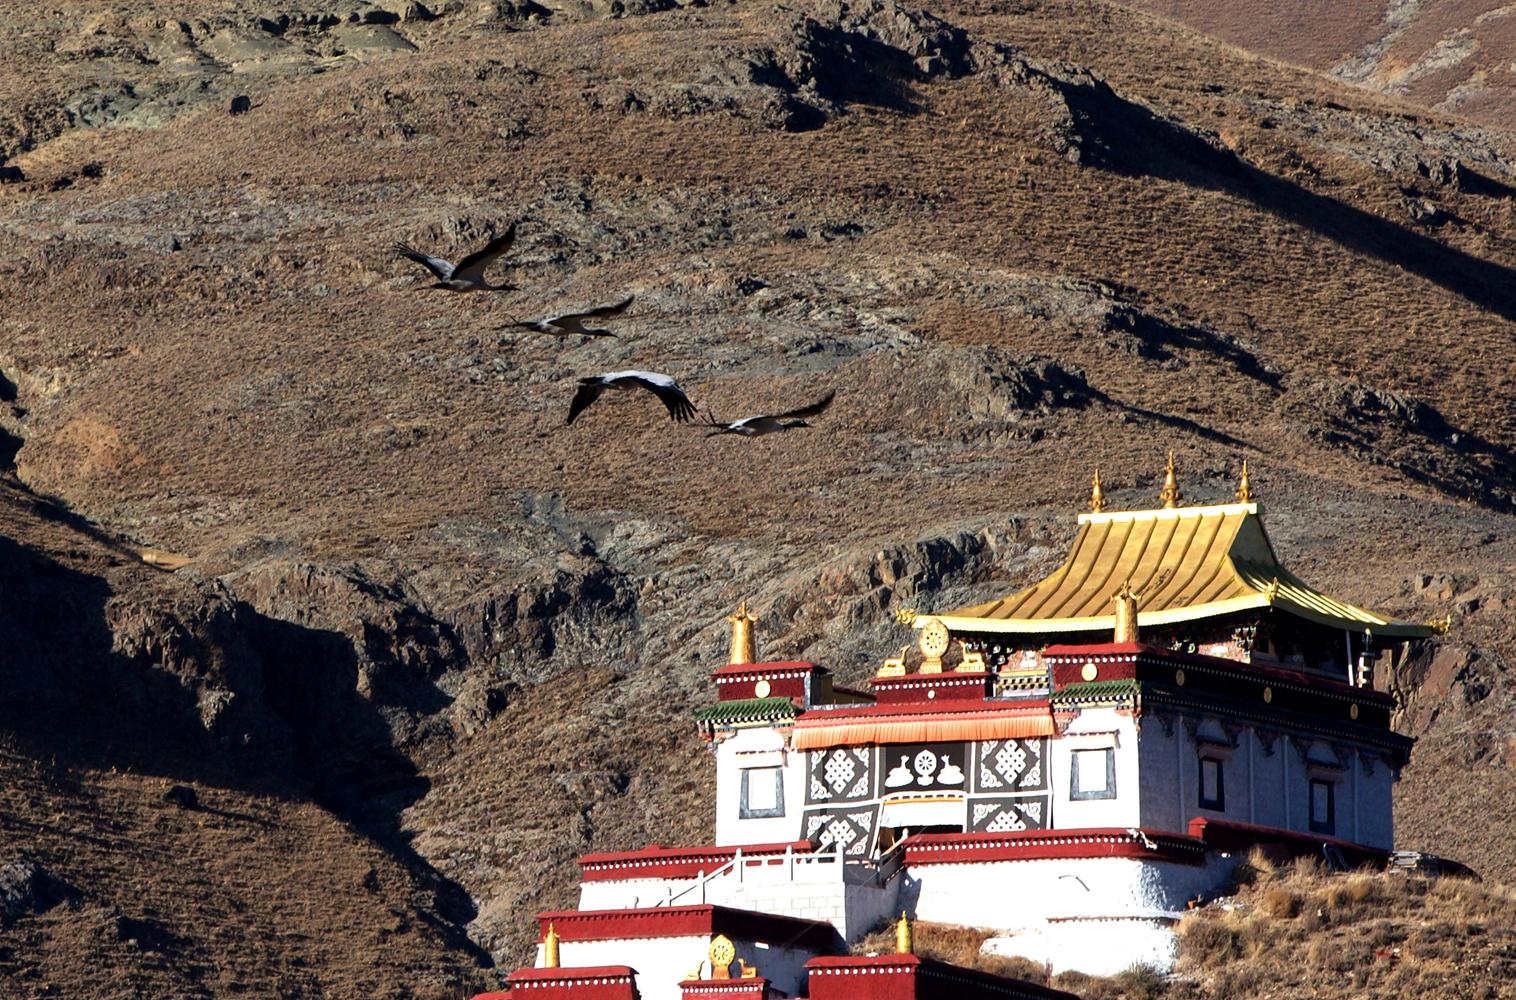 高原精灵拉萨河谷越冬